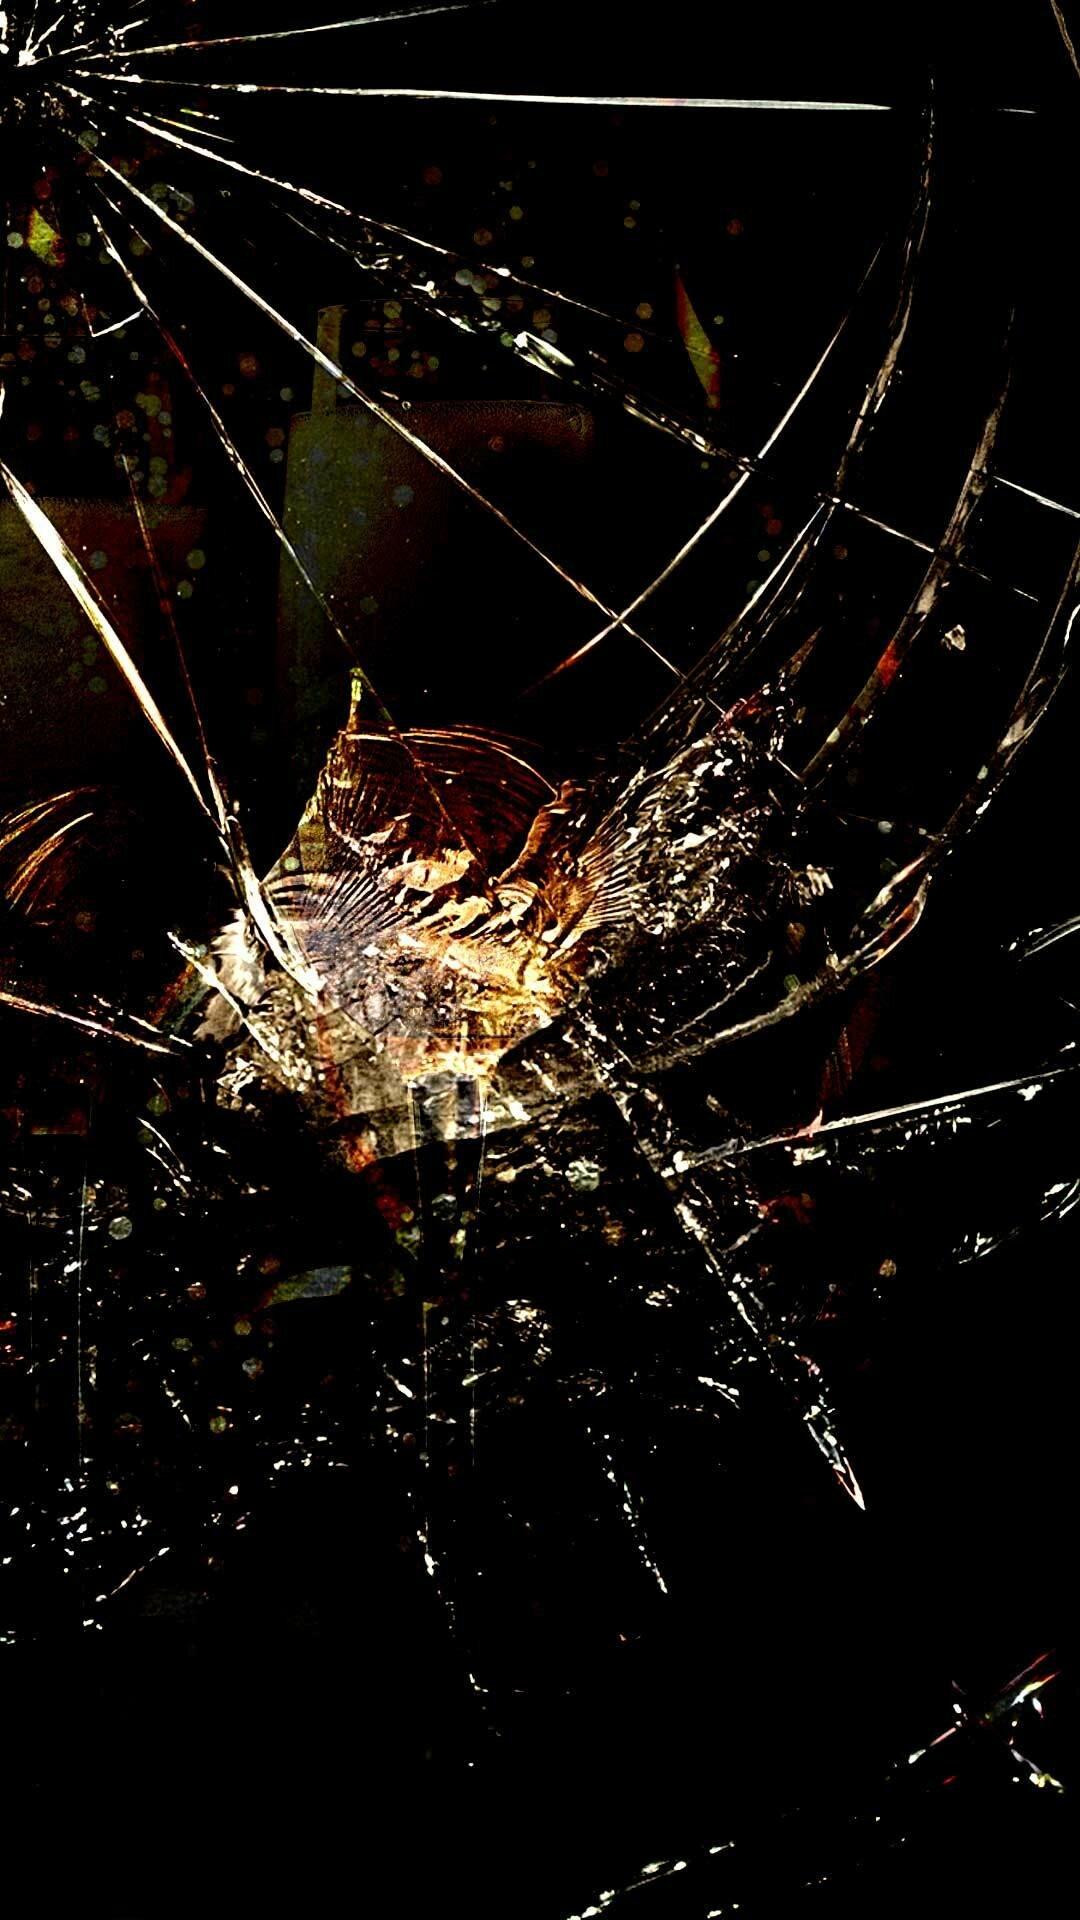 картинки разбитого дисплея идеально вписывается